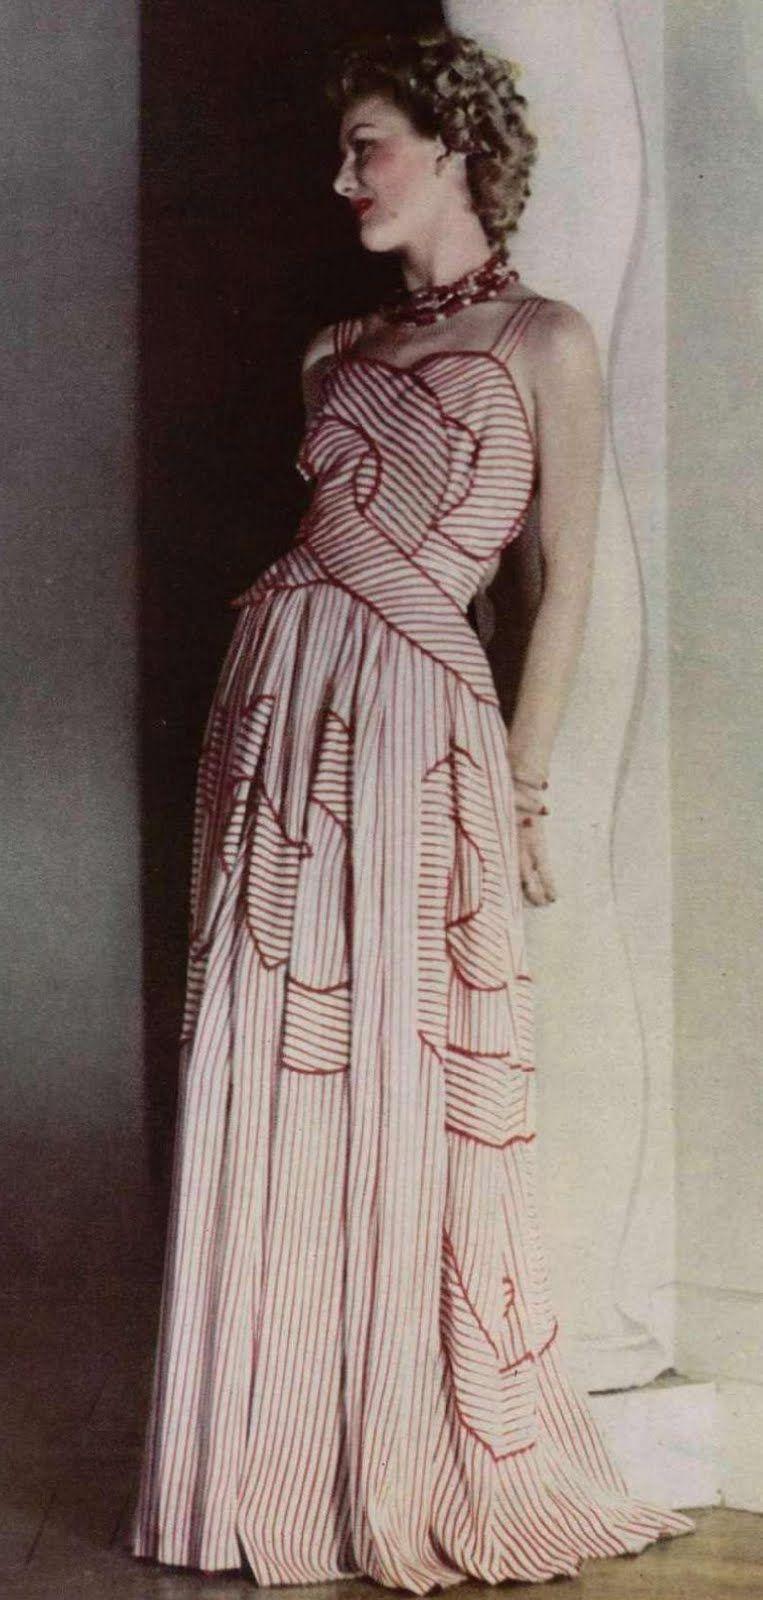 1940 S Fashion Young Woman S Wardrobe Plan Glamourdaze 1940s Fashion Fashion Vintage Outfits [ 1600 x 763 Pixel ]